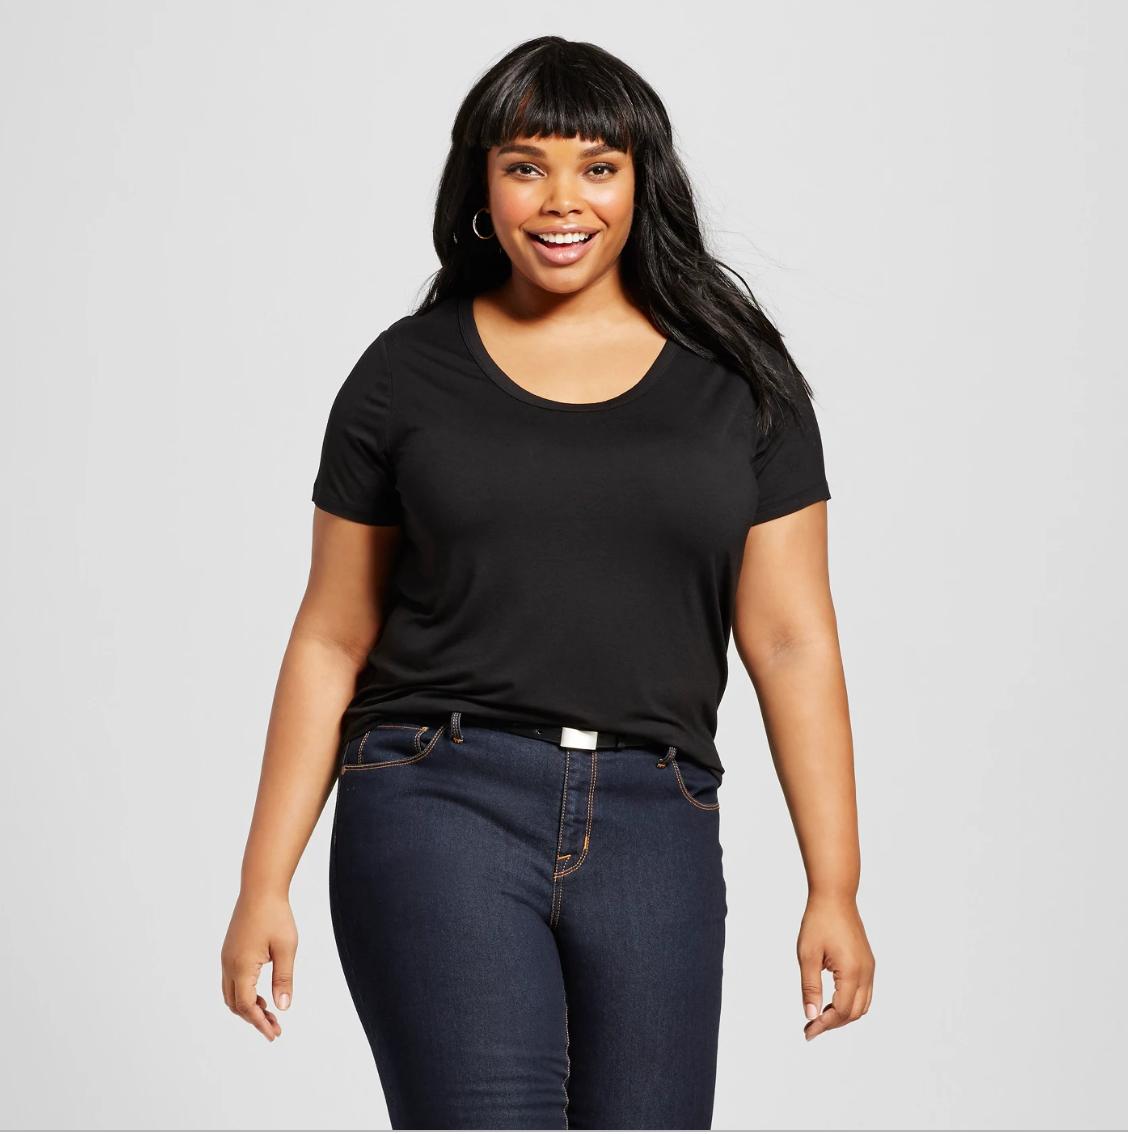 b0d5818f2e0e7 Ava & Viv + Women's Plus Size Perfect Short Sleeve T-Shirt - Ava & Viv™